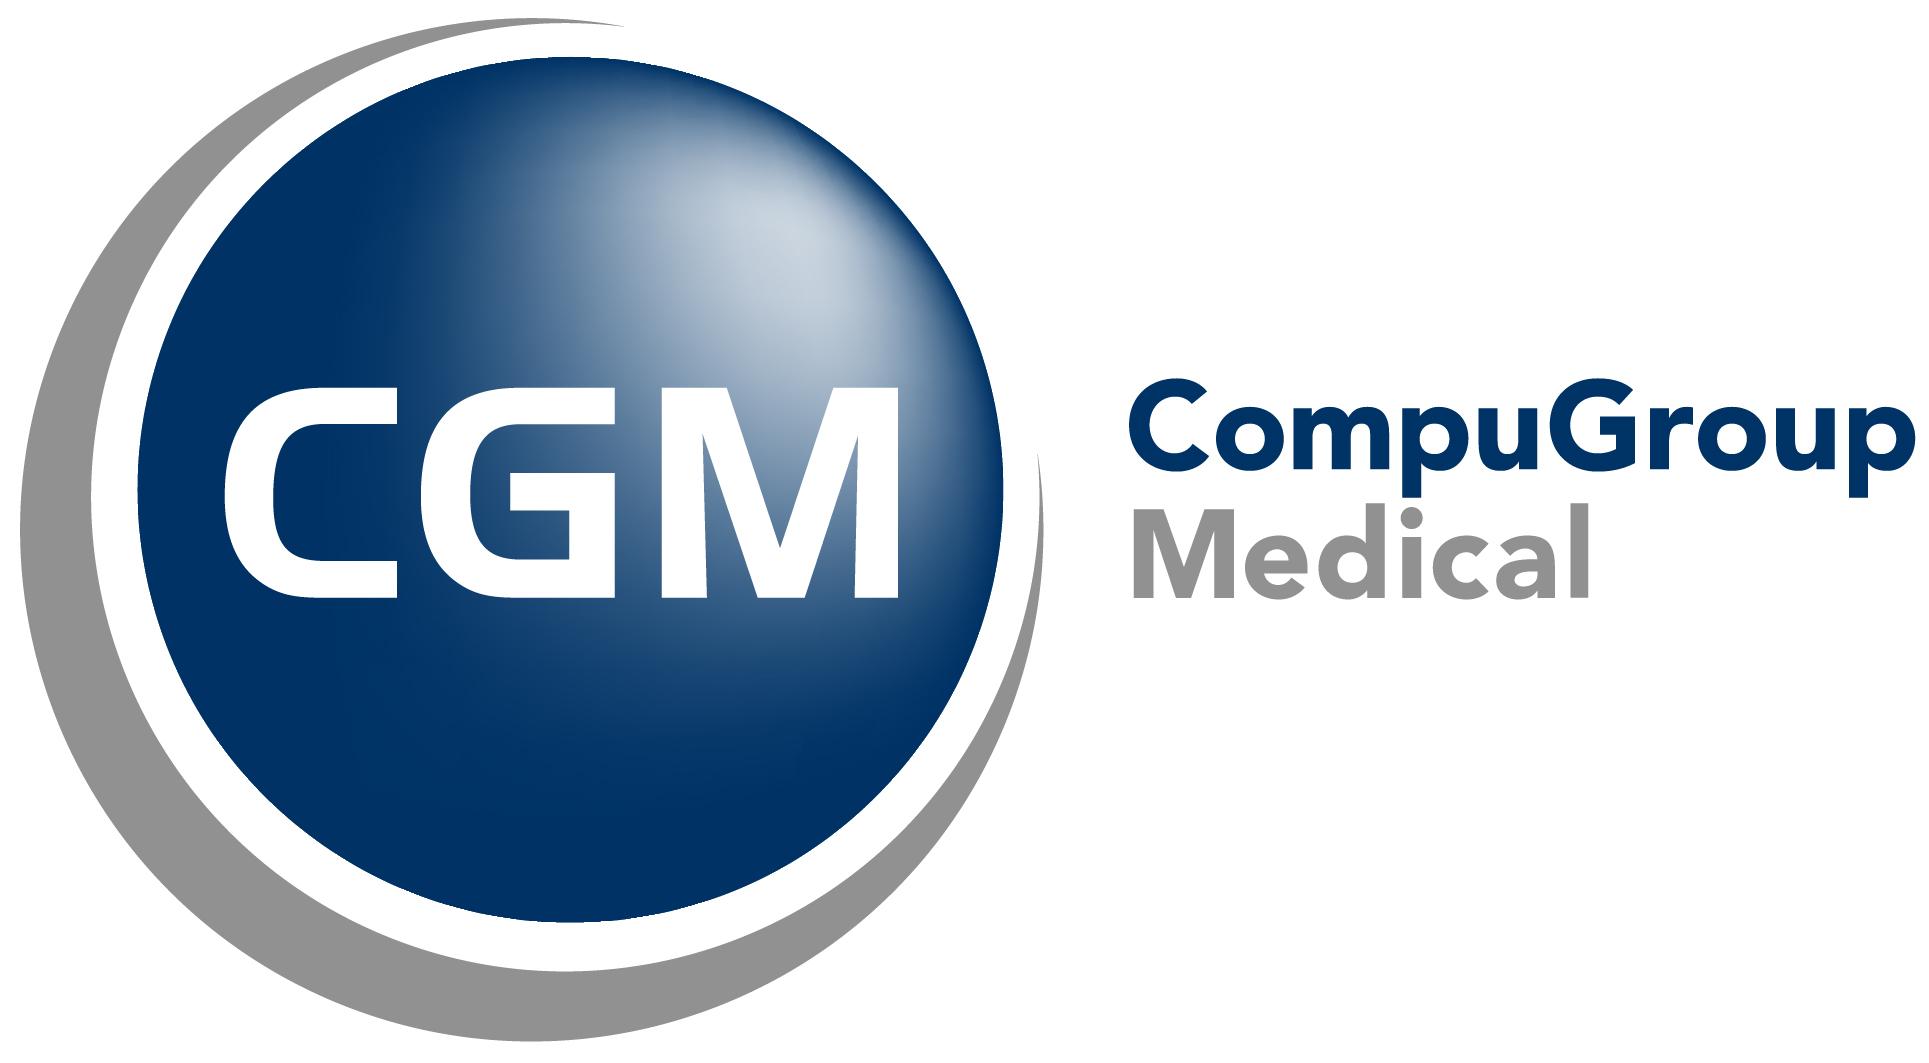 Logotyp CompuGroup Medical